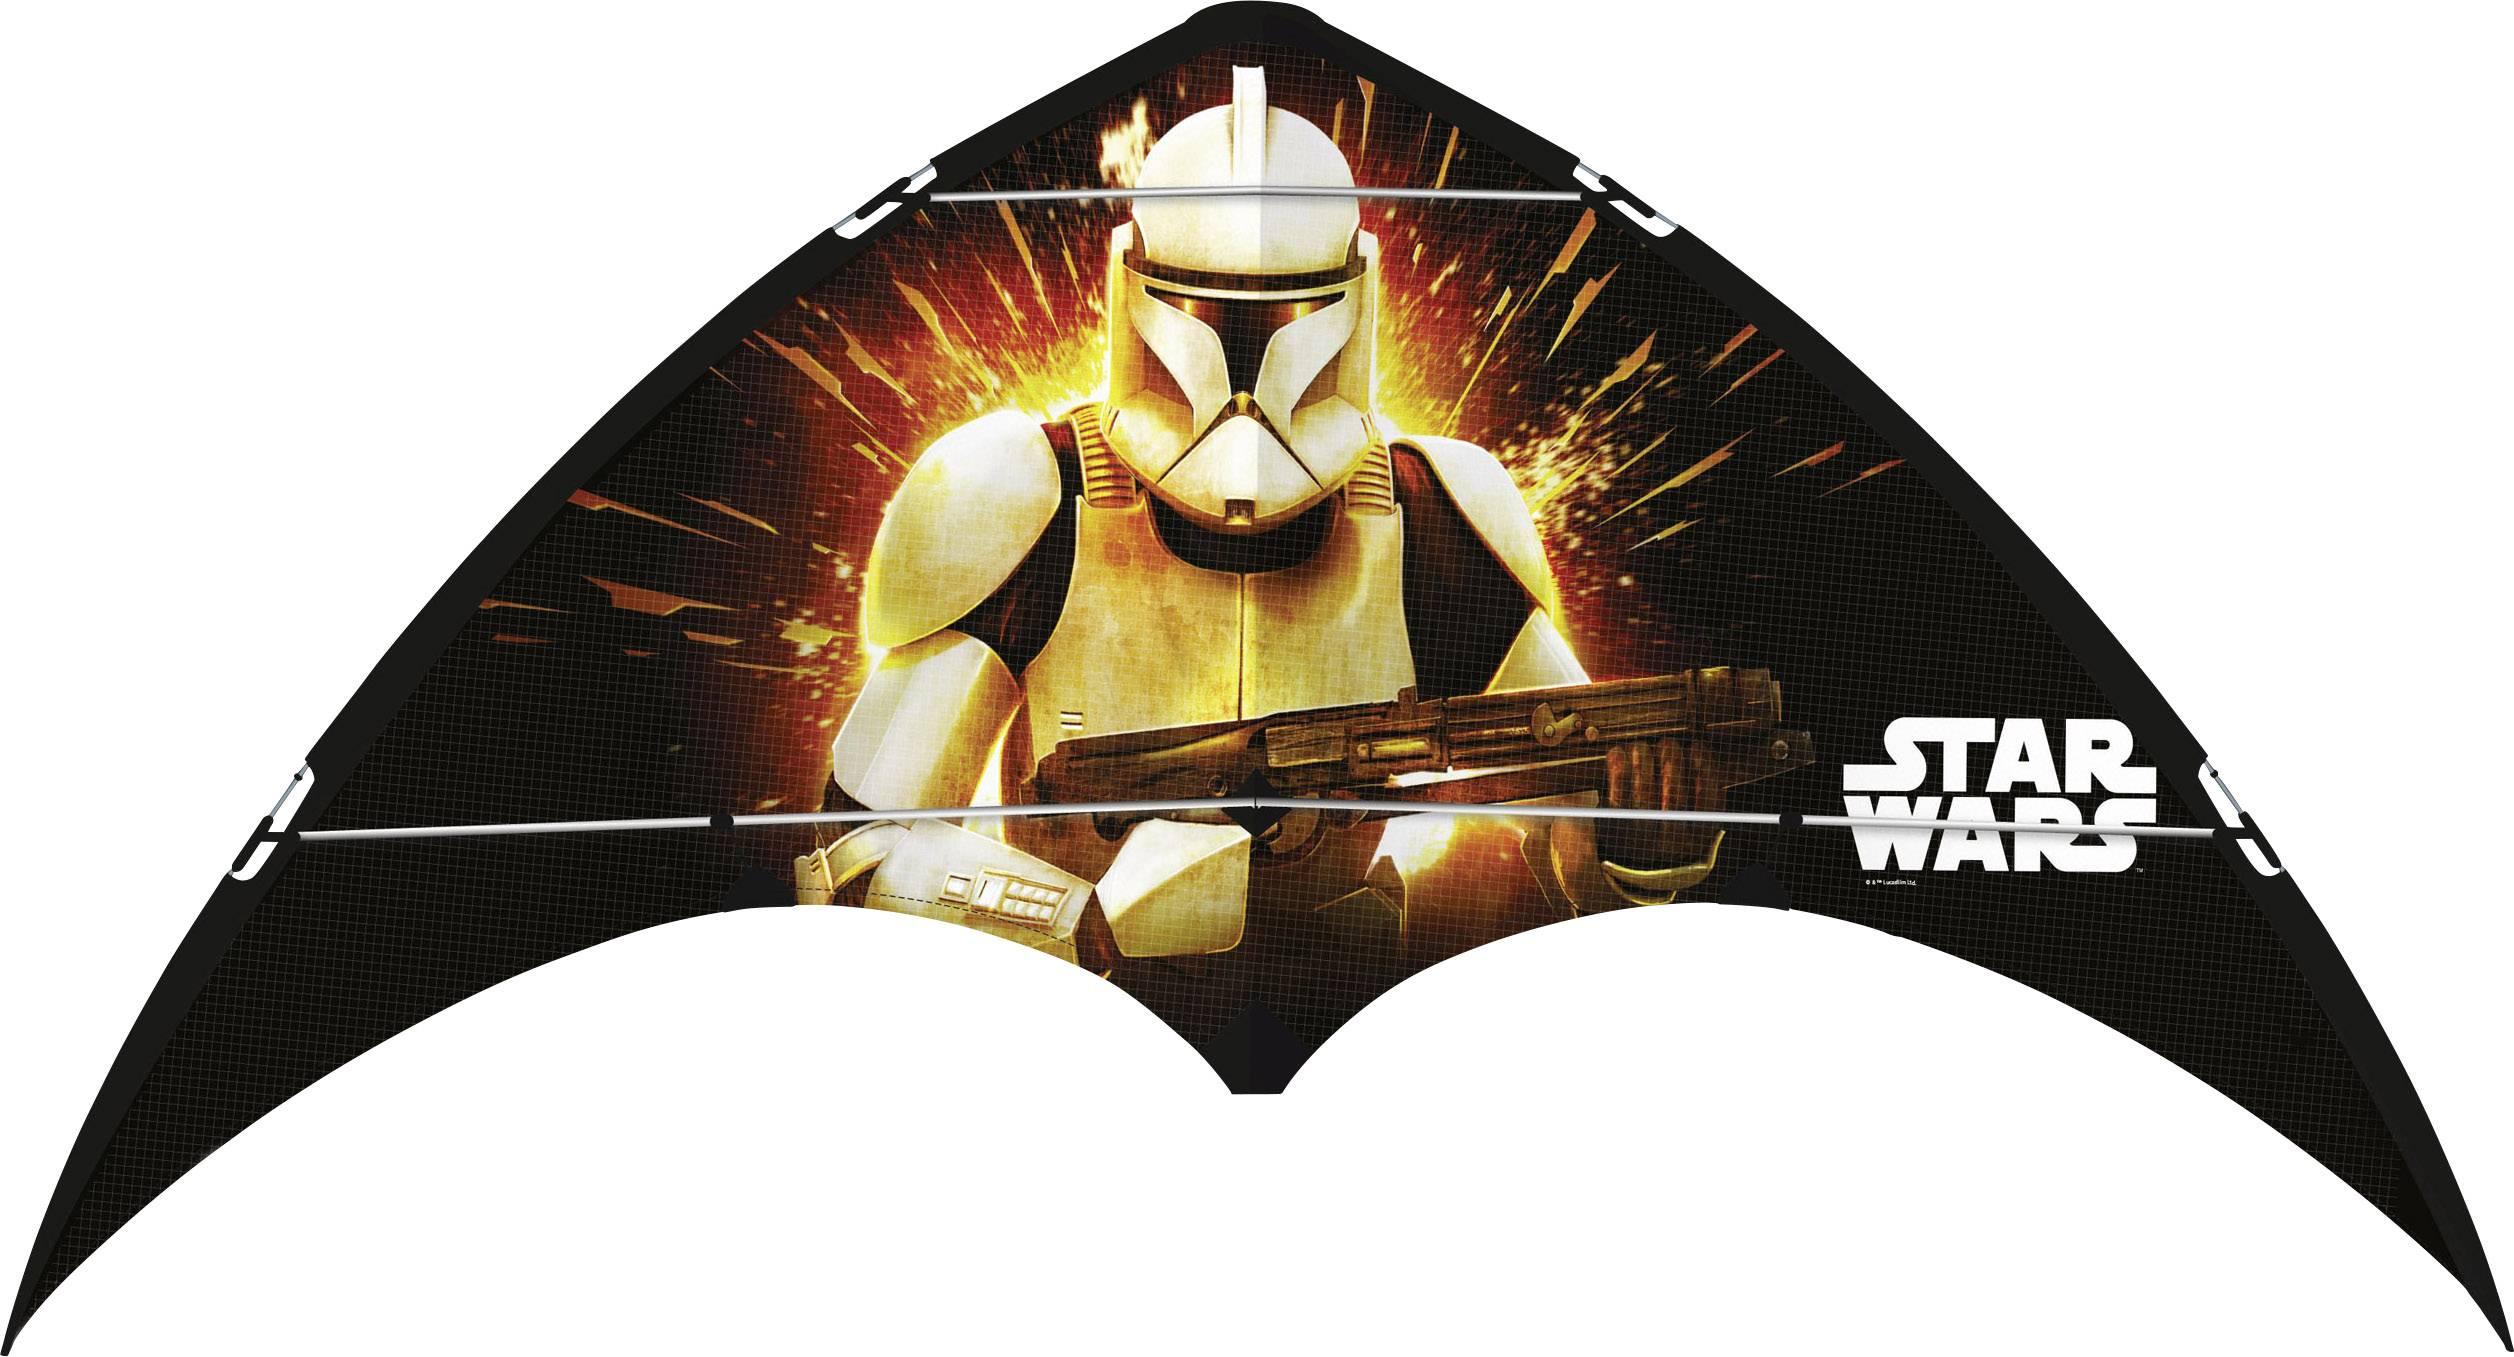 Sportovní drak jednošňůrový Star Wars Clone Troopers, Günther Flugspiele 1227, rozpětí 1200 mm